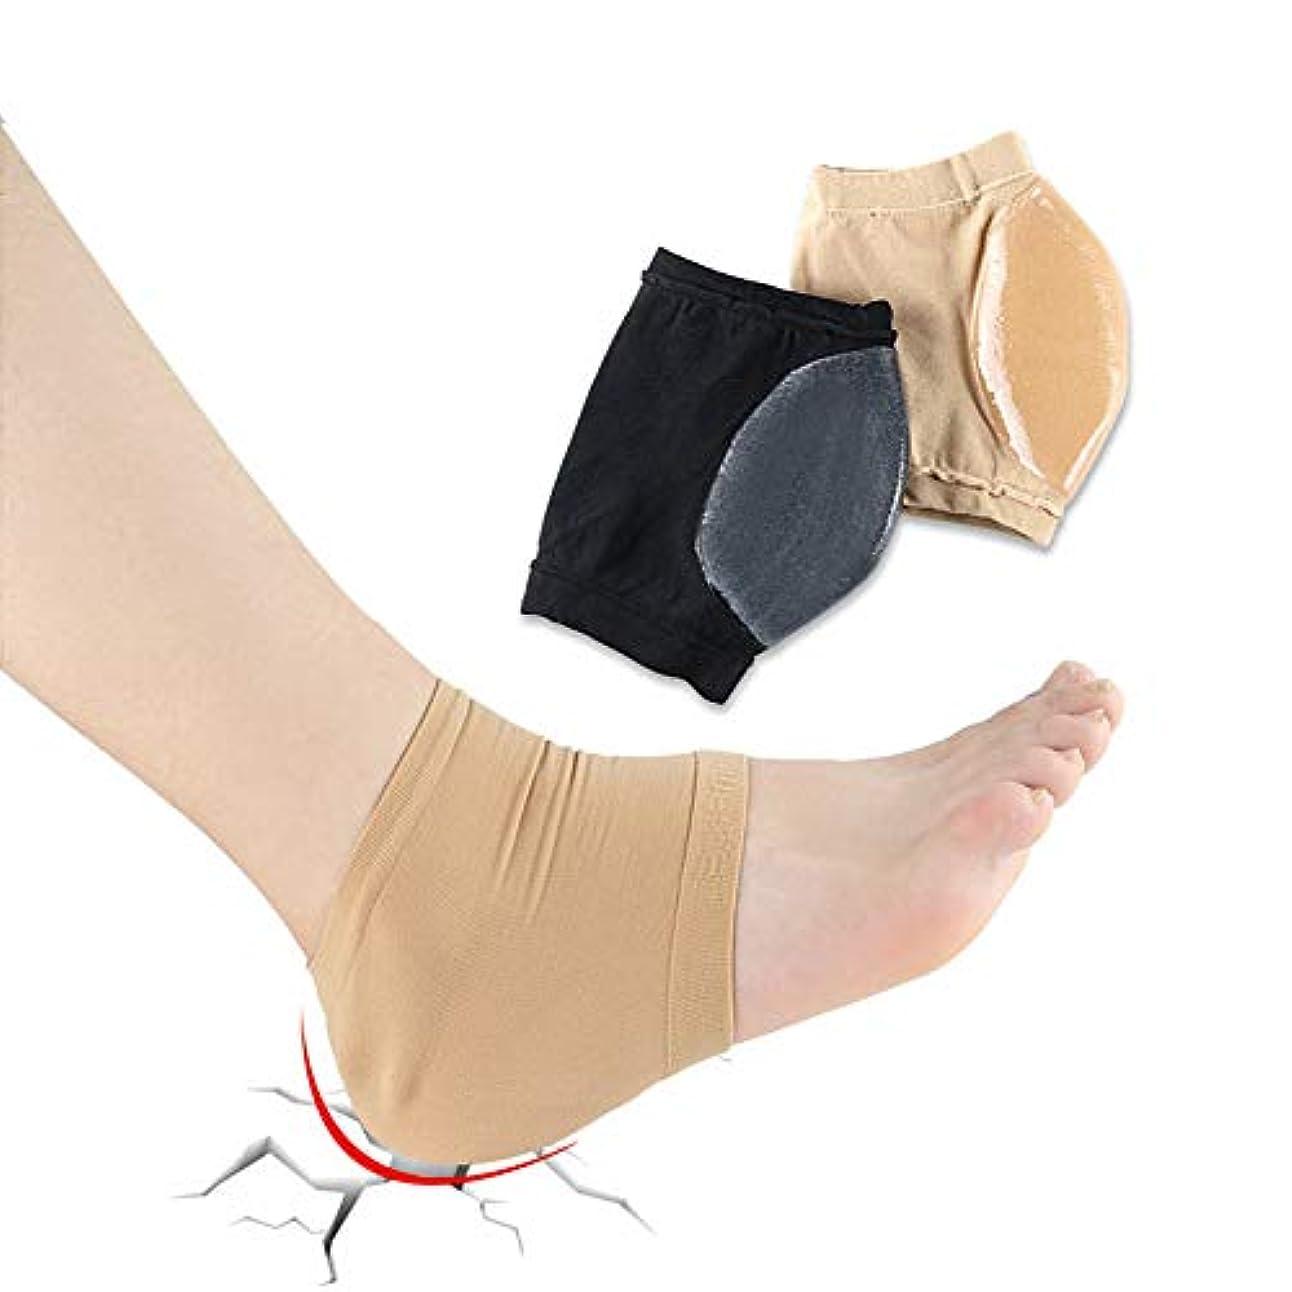 マネージャーマークされたパスタ伸縮性のある足スリーブ、ジェルパッド衝撃吸収性ヒール付きソックス、かかとを保護するためのかかとを保護するかかとユニセックス(2ペア),Flesh,M